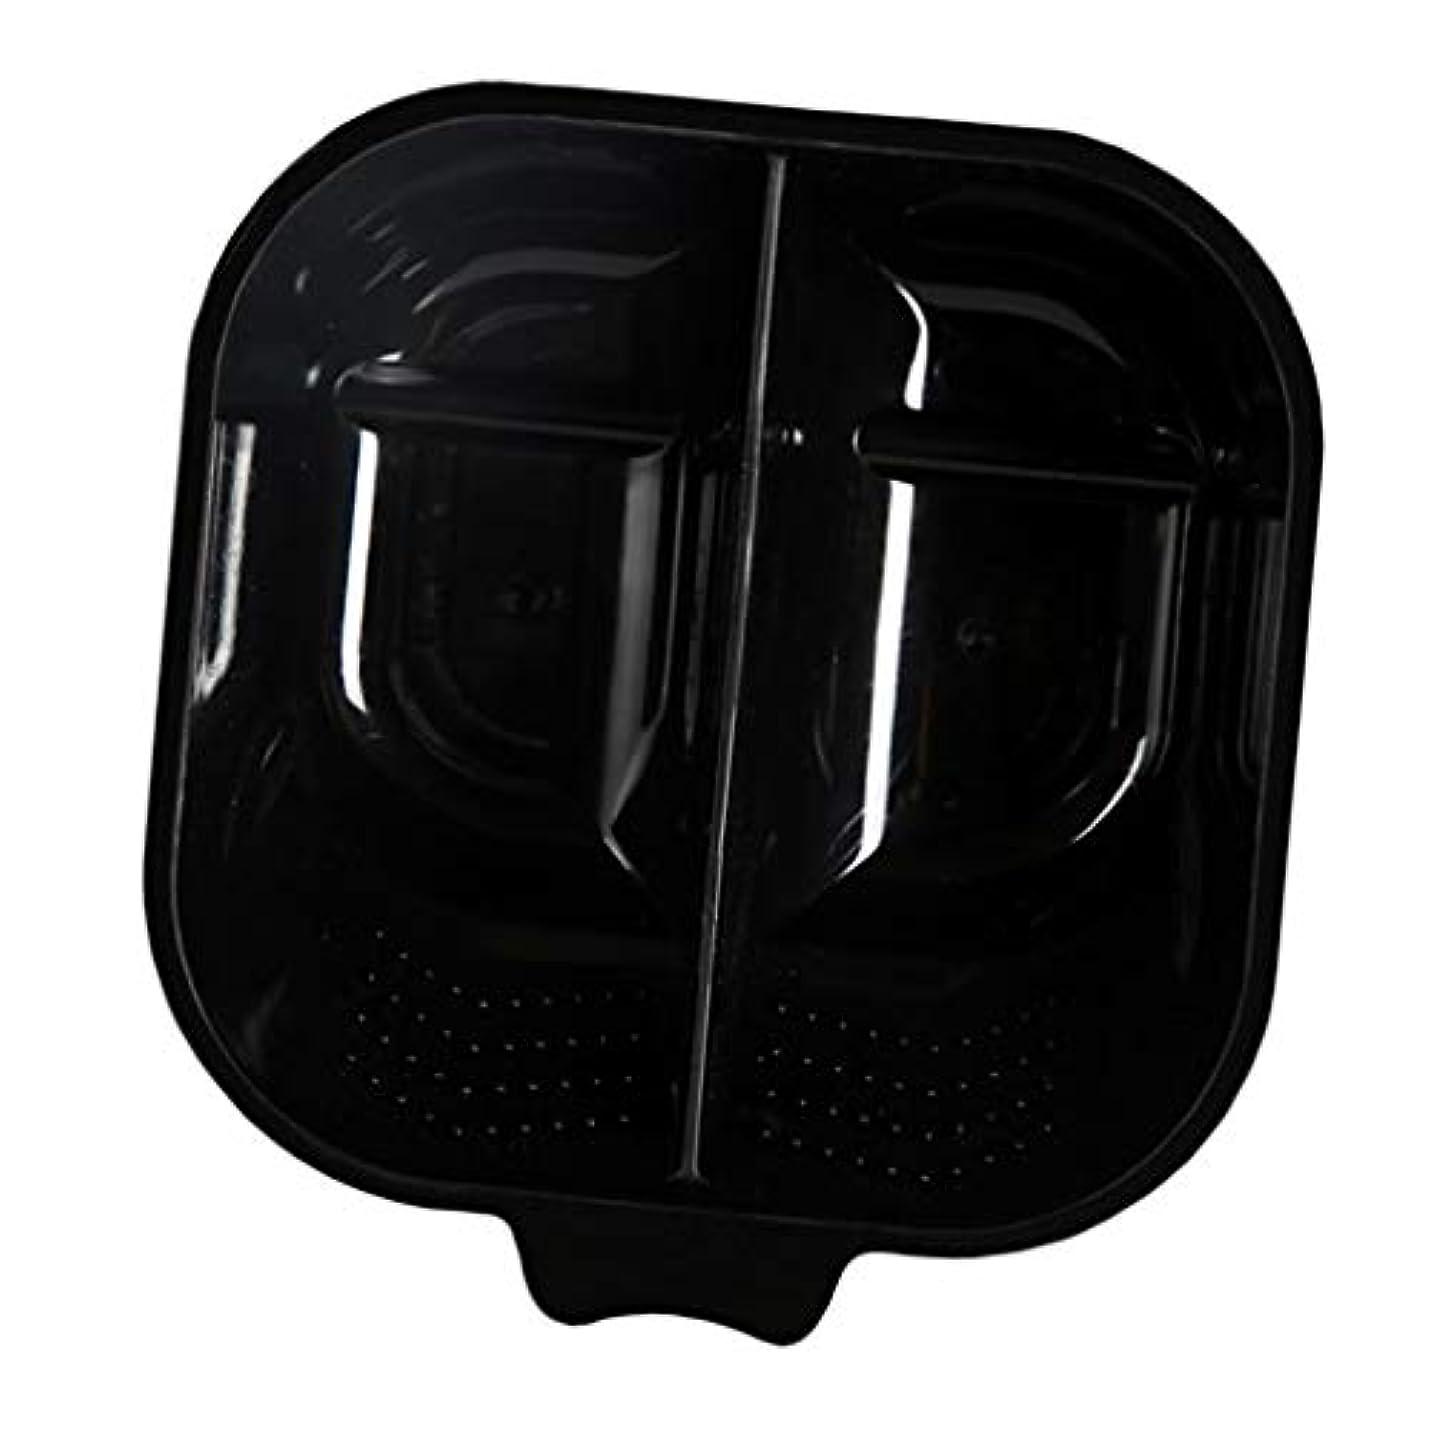 カップル最初に前任者ヘアカラーボウル ヘアカラーリング用品 ヘアカラープレート 毛染め 染料 混ぜる サロン プロ用品 - ブラック